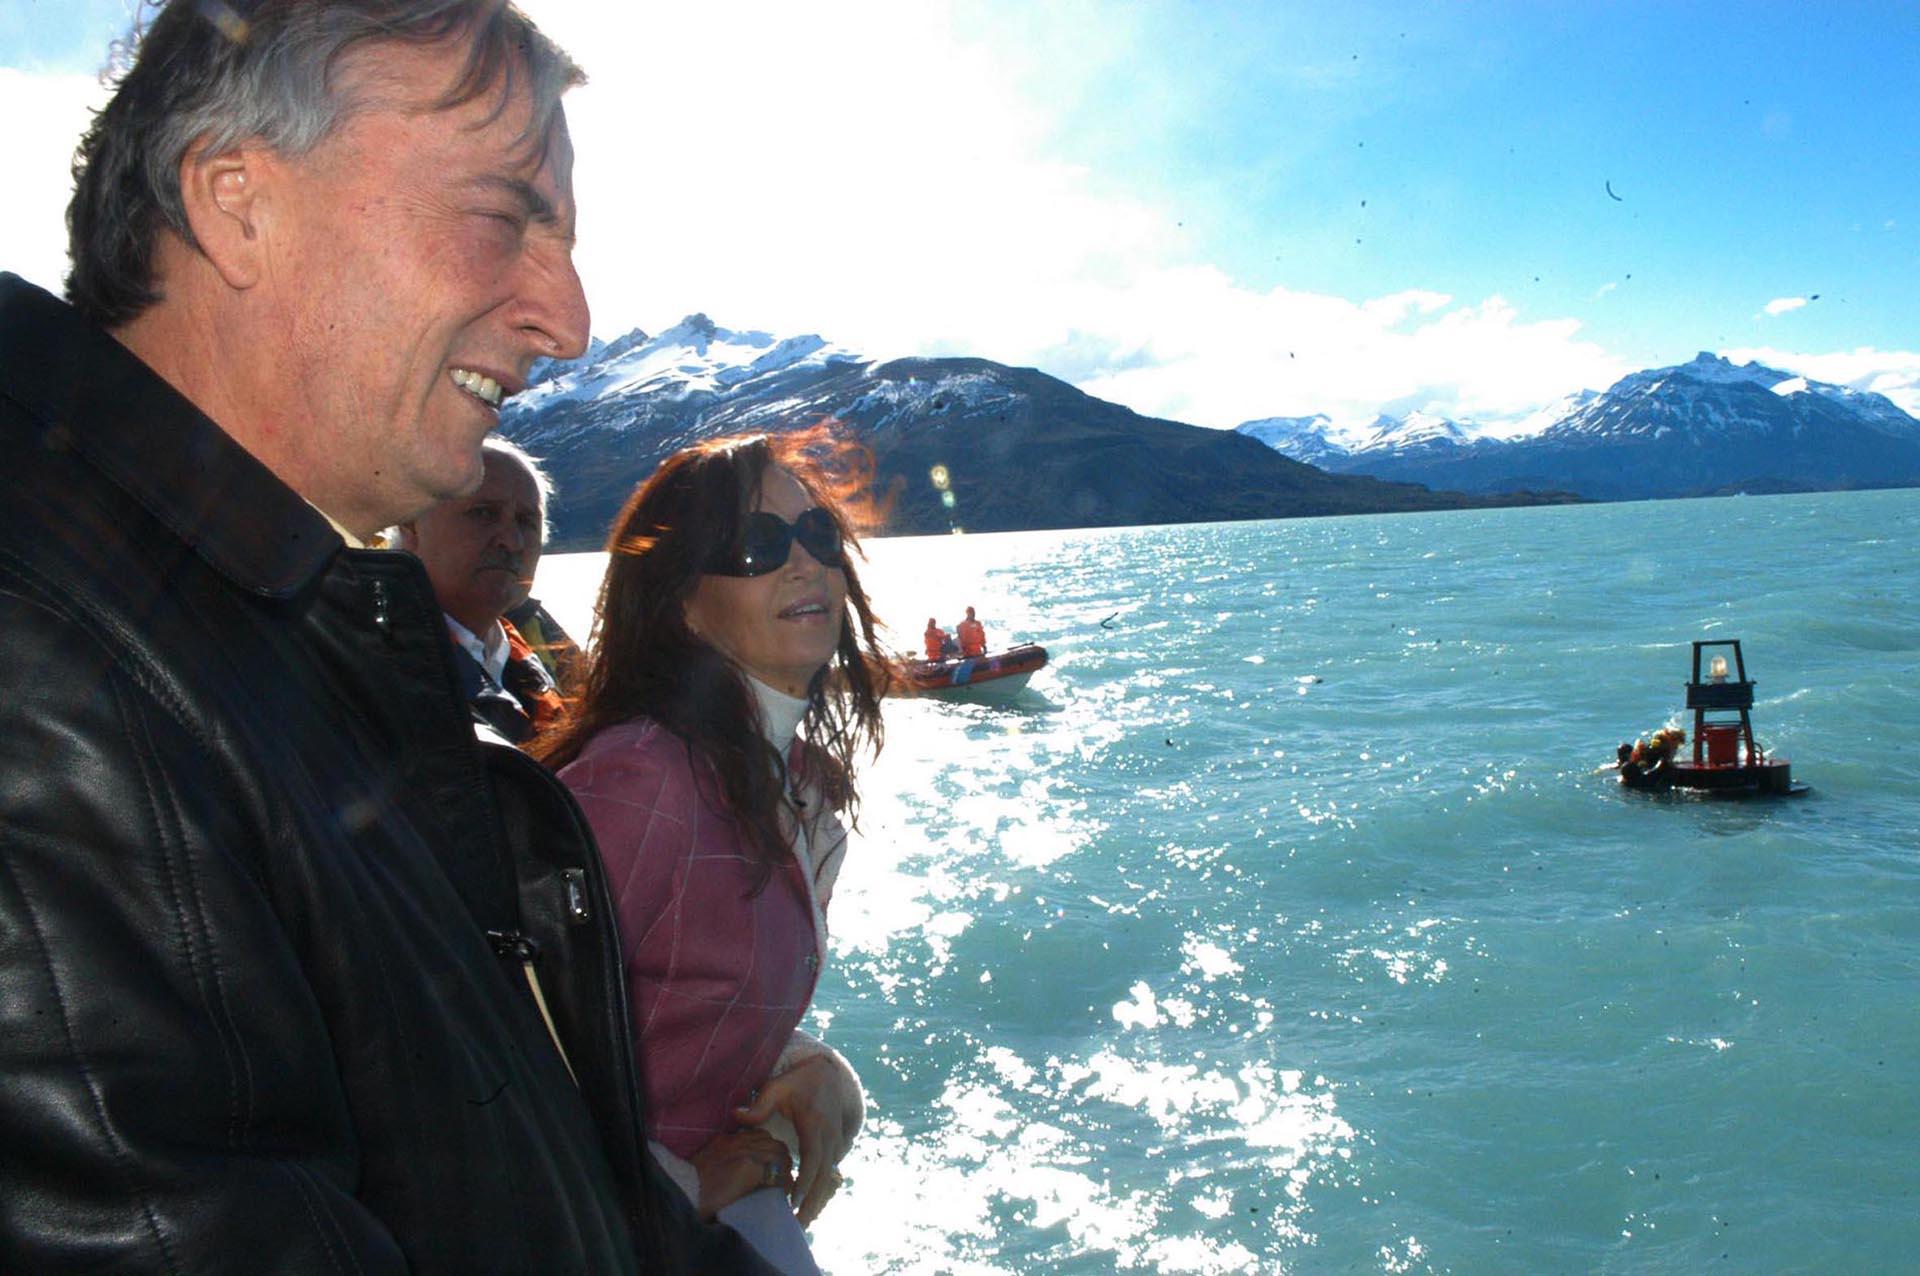 El presidente de la nación Nestor Kirchner junto a su esposa Cristina en la ciudad de El Calafate